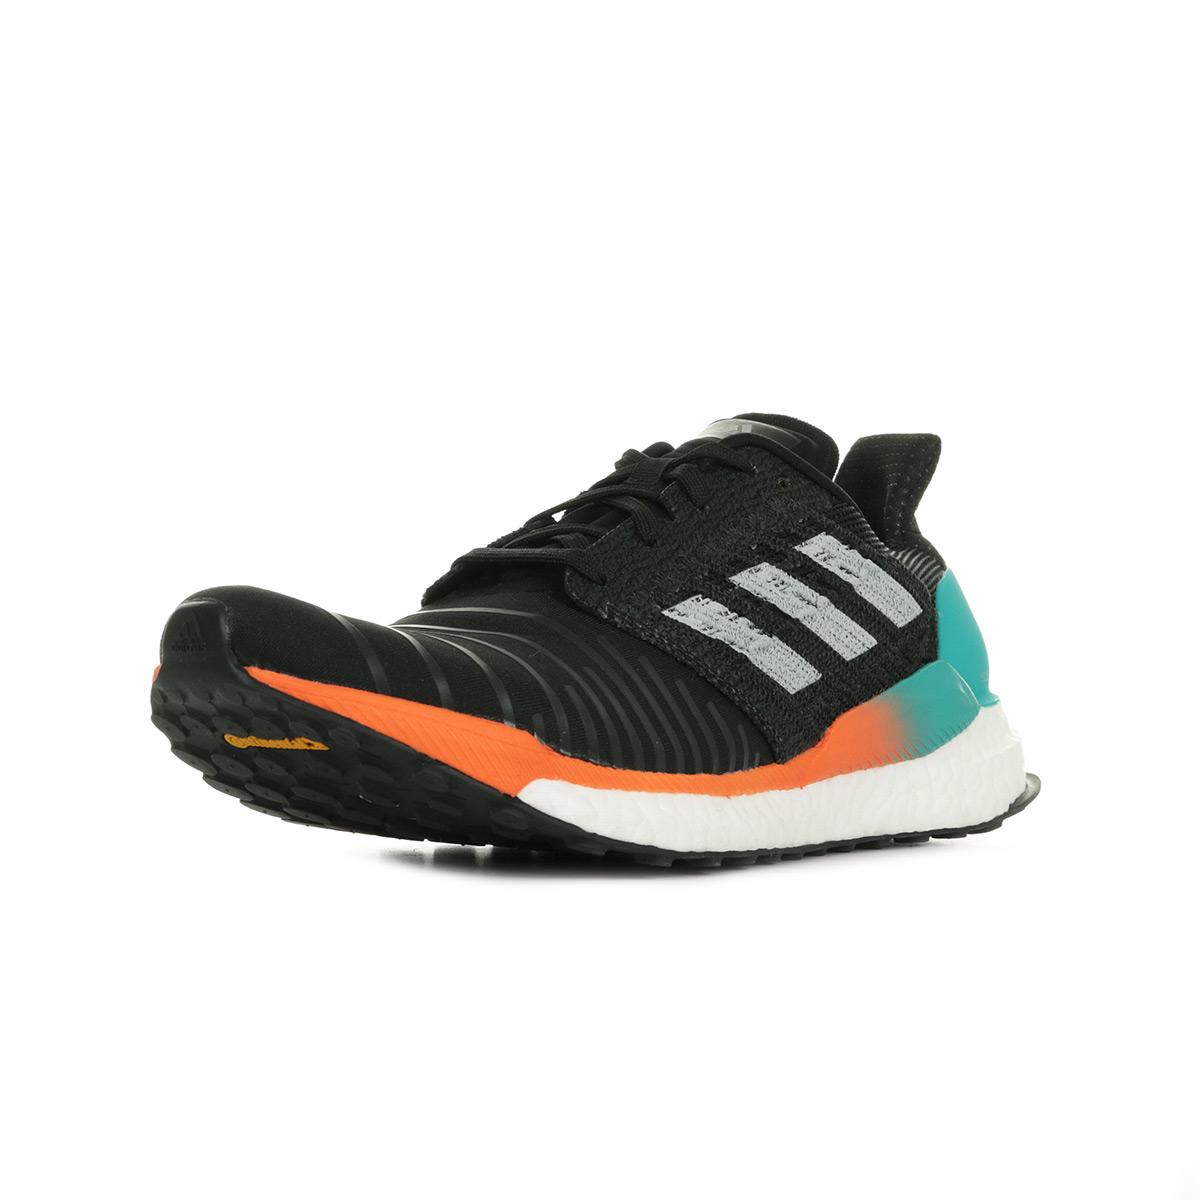 Détails sur Chaussures Baskets adidas Performance homme Solar Boost M taille Noir Noire